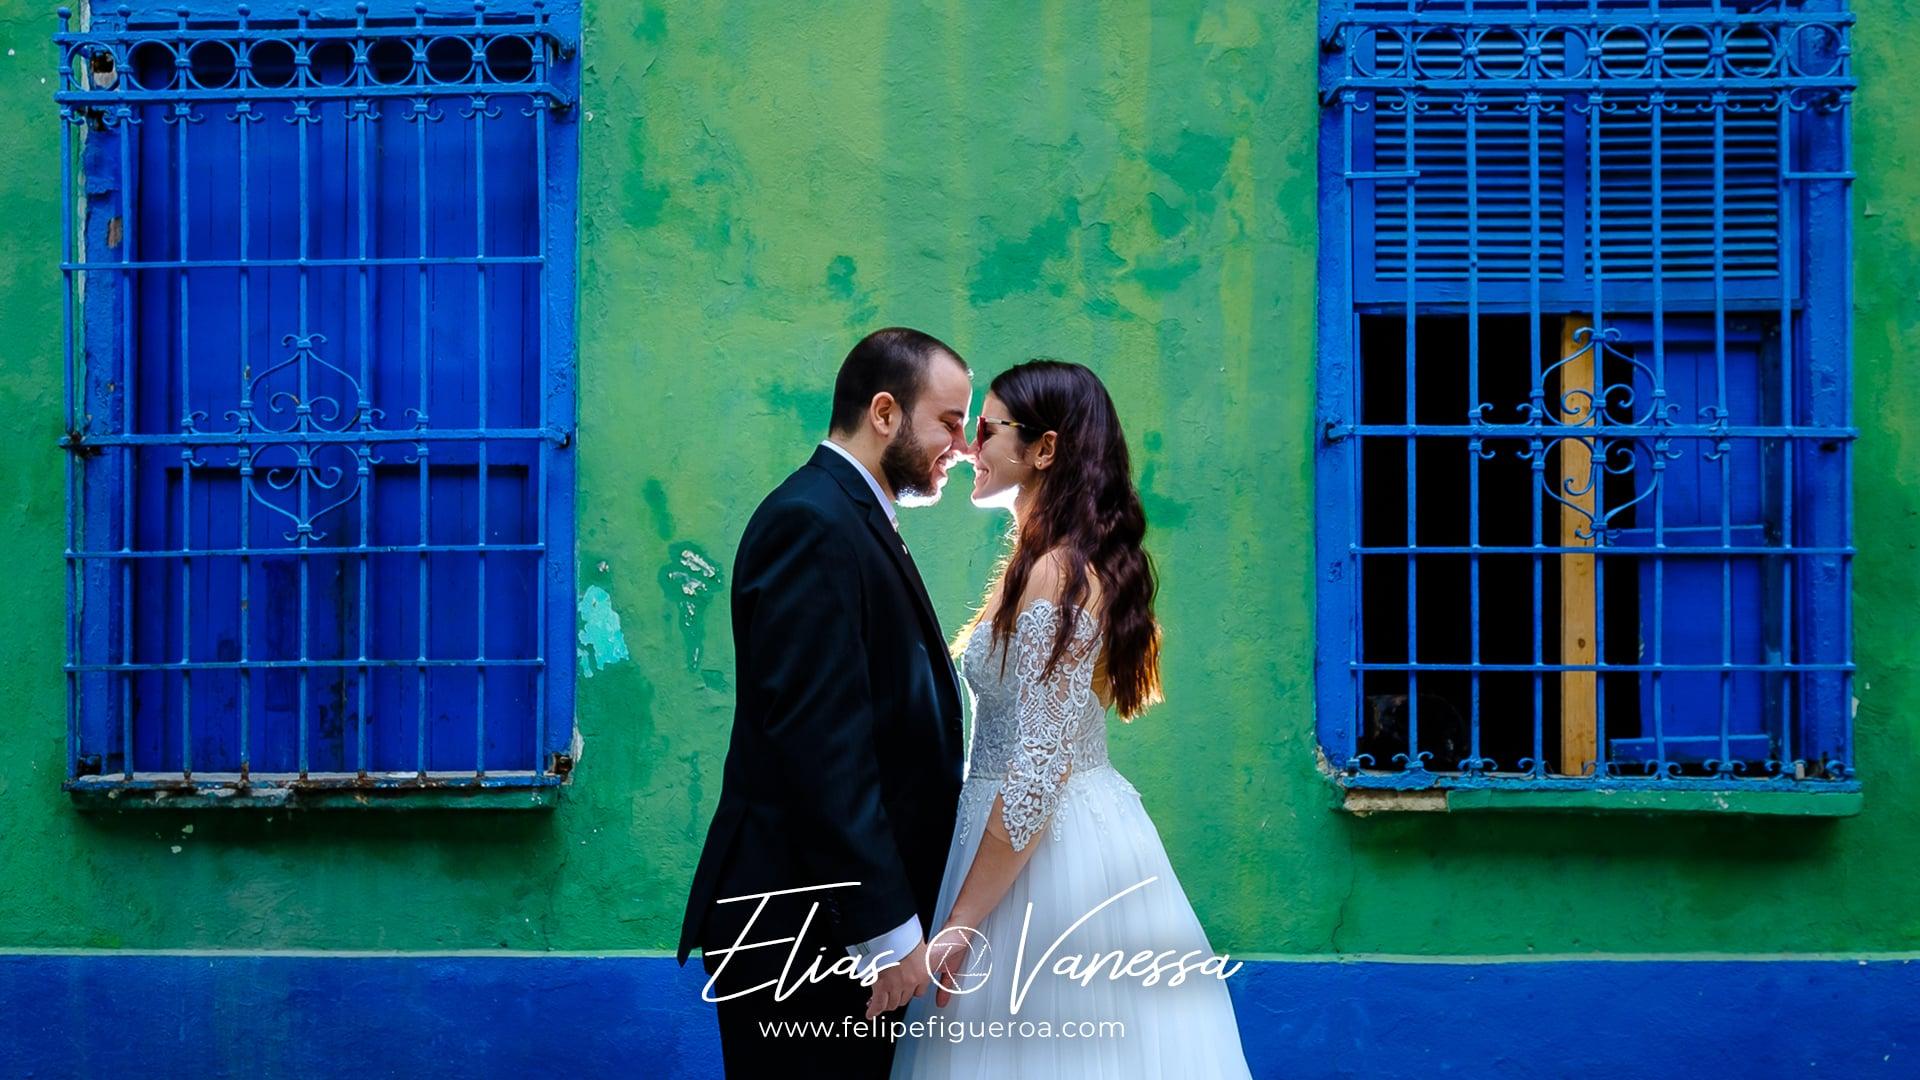 Elias + Vanessa